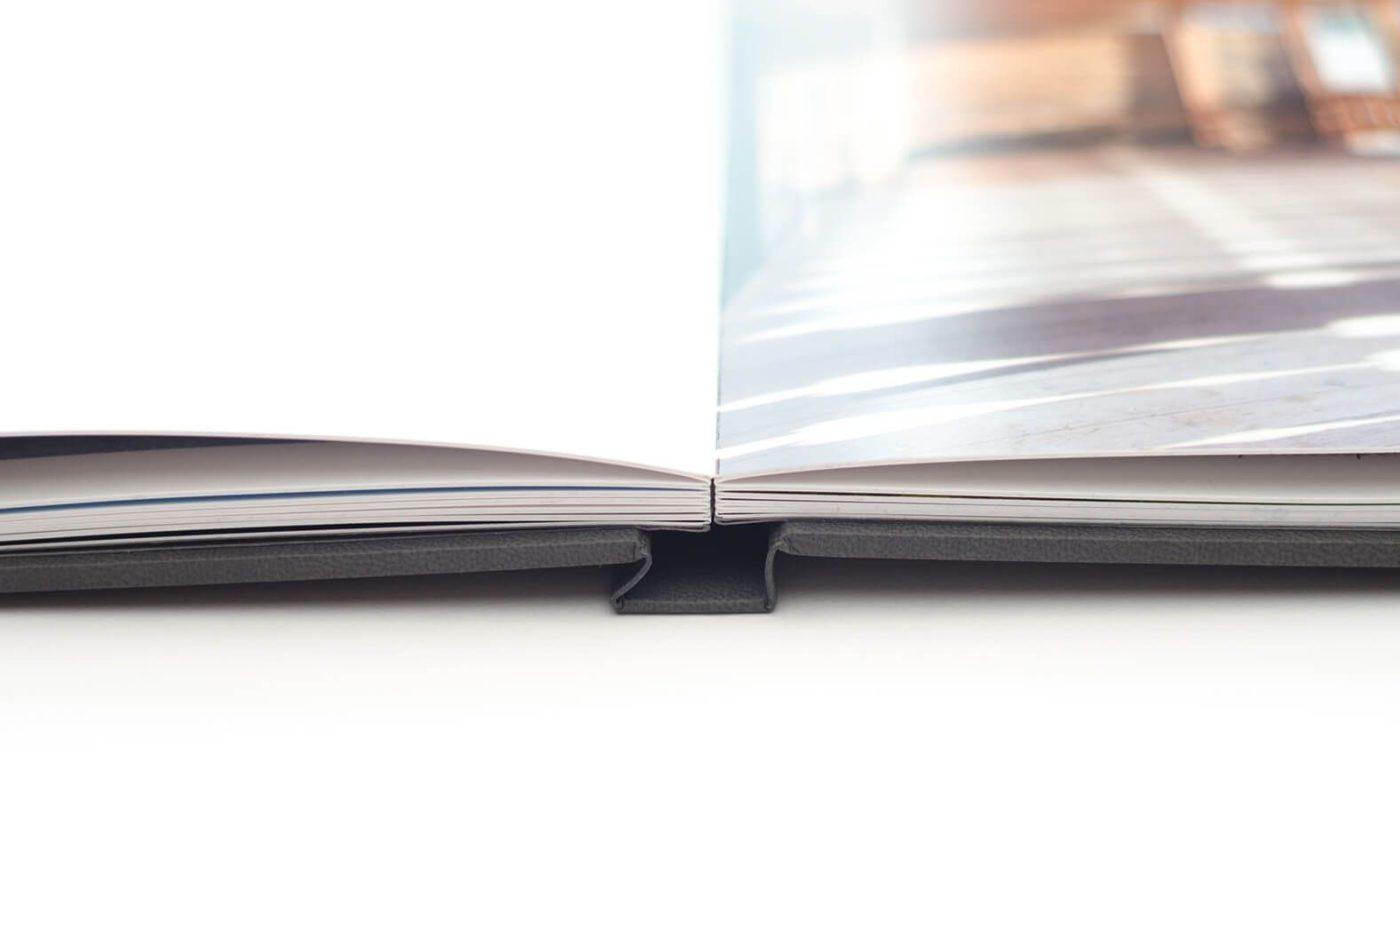 Mẫu photobook mở phẳng cán màng mờ siêu đẹp